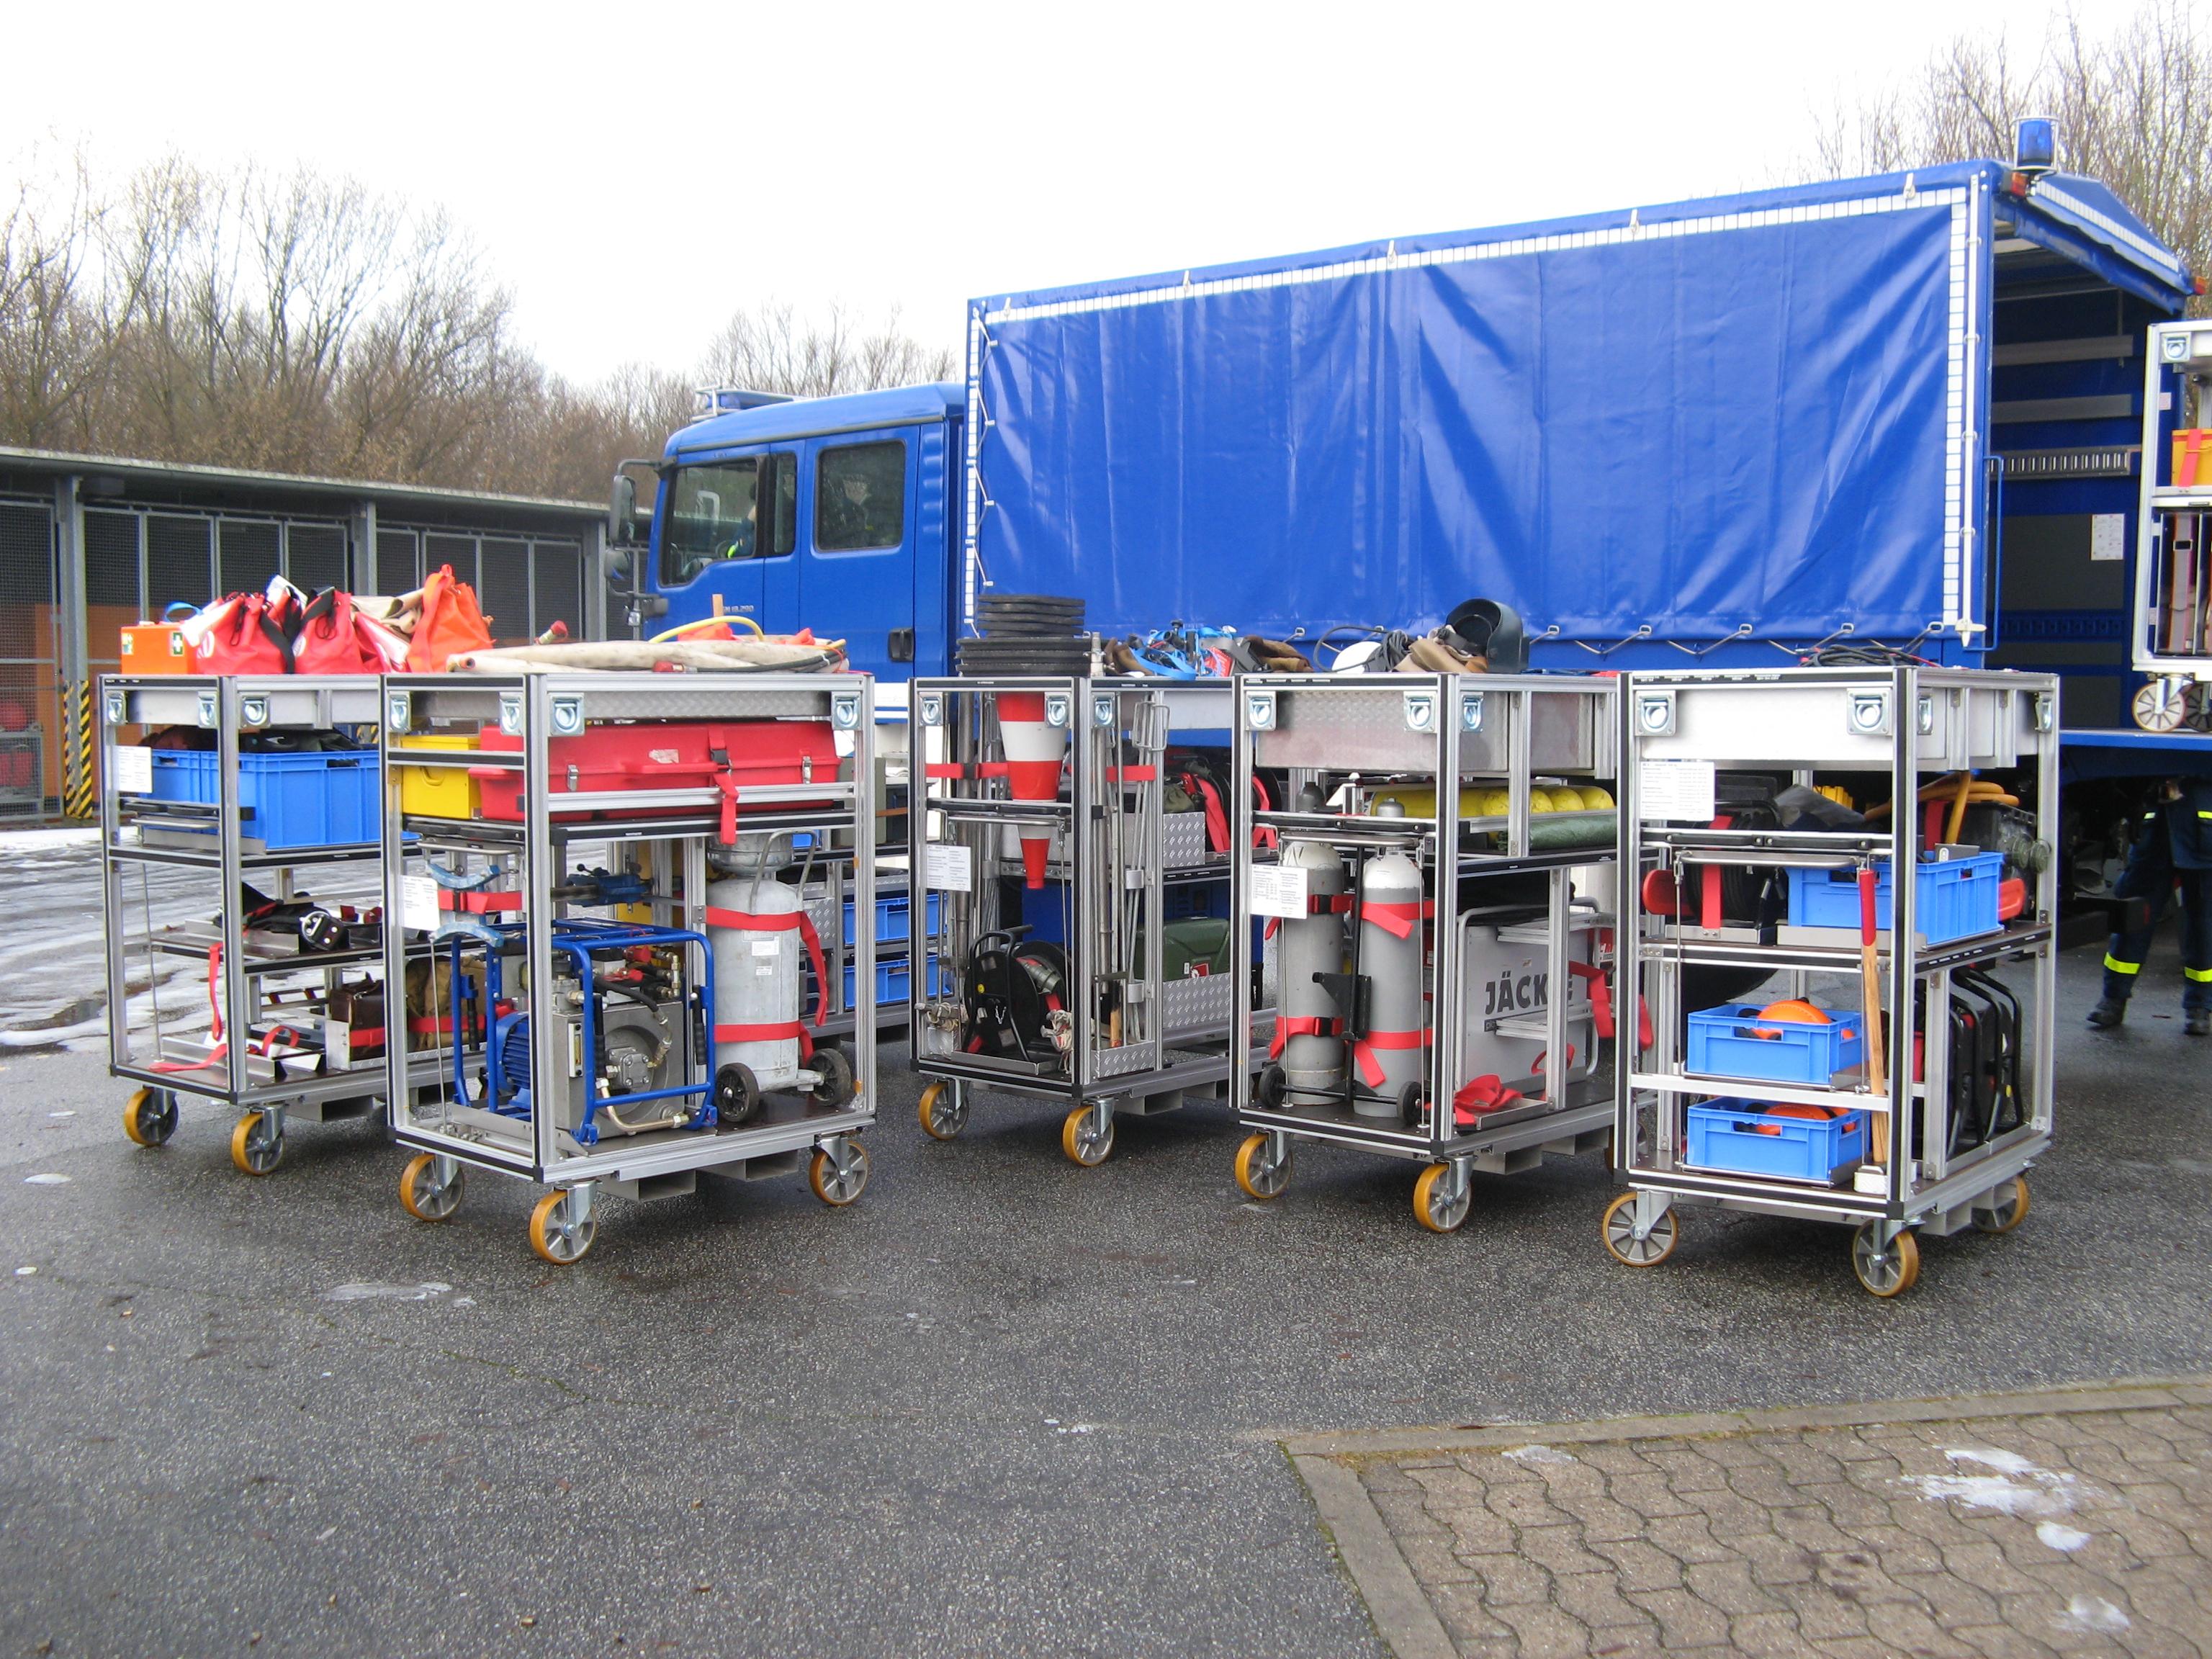 Mehrere Rollcontainer mit Ware und LKW im Hintergrund